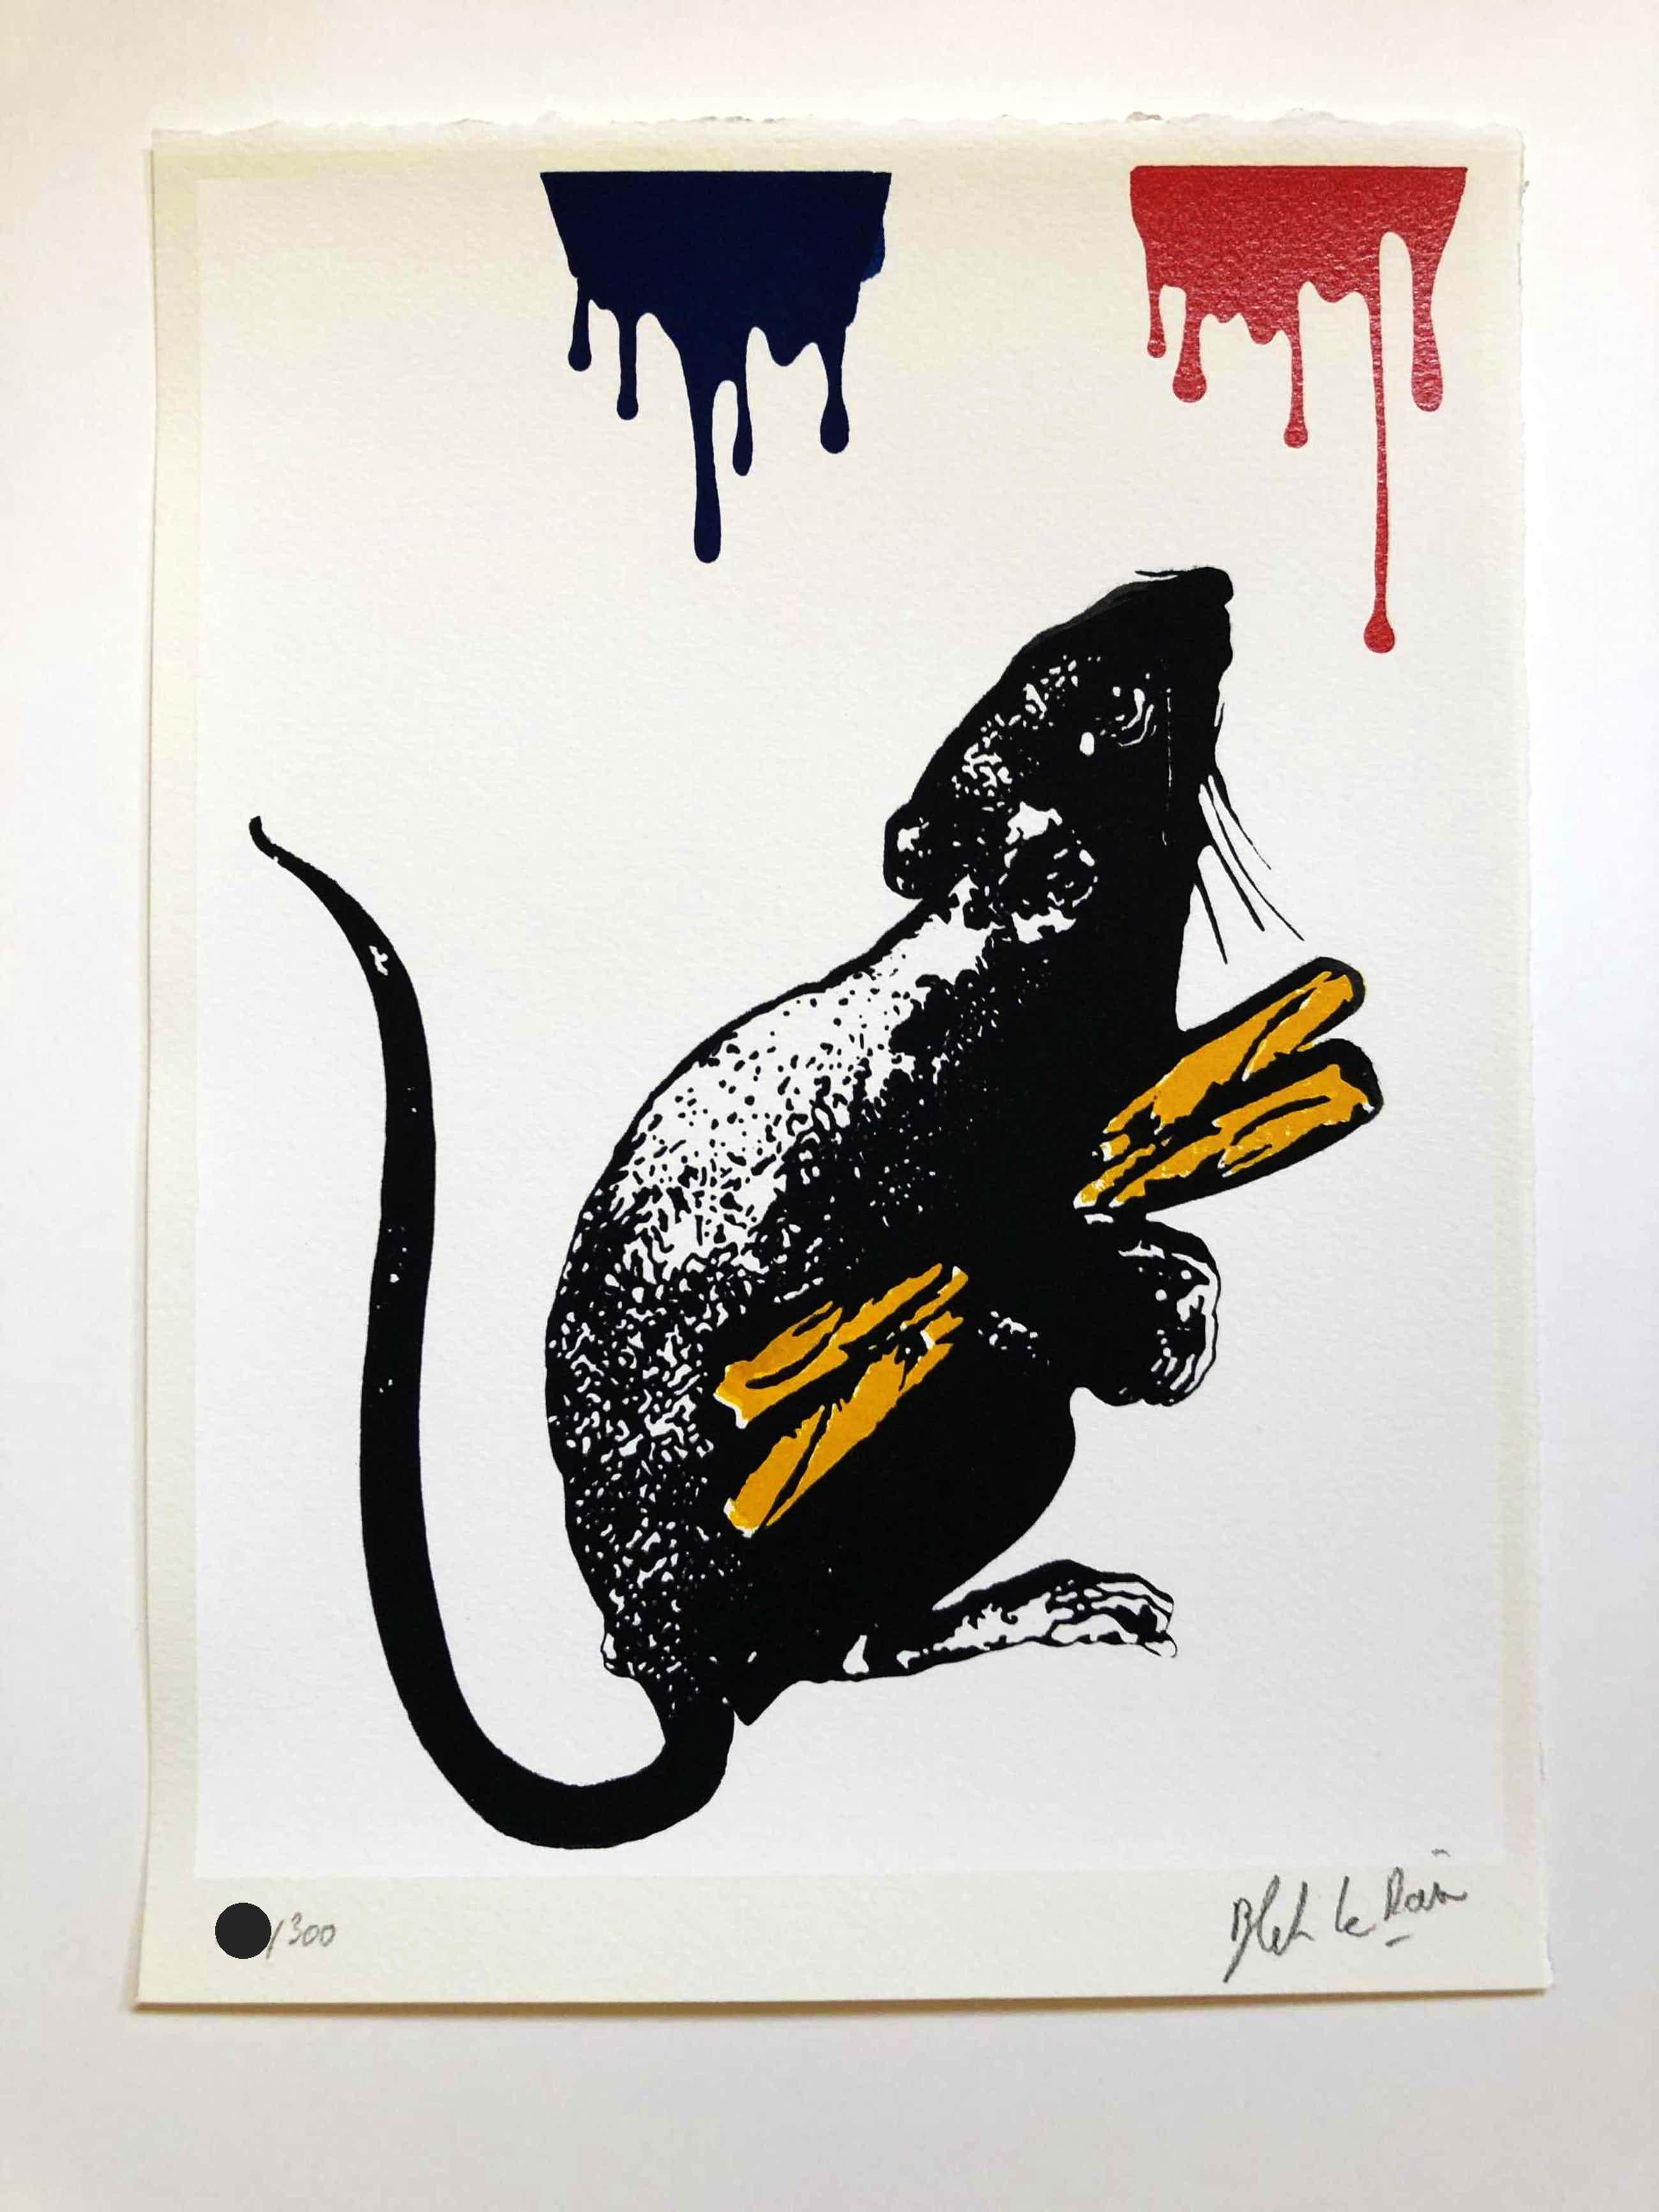 Blek Le Rat - Rat no. 5 kopen? Bied vanaf 1100!